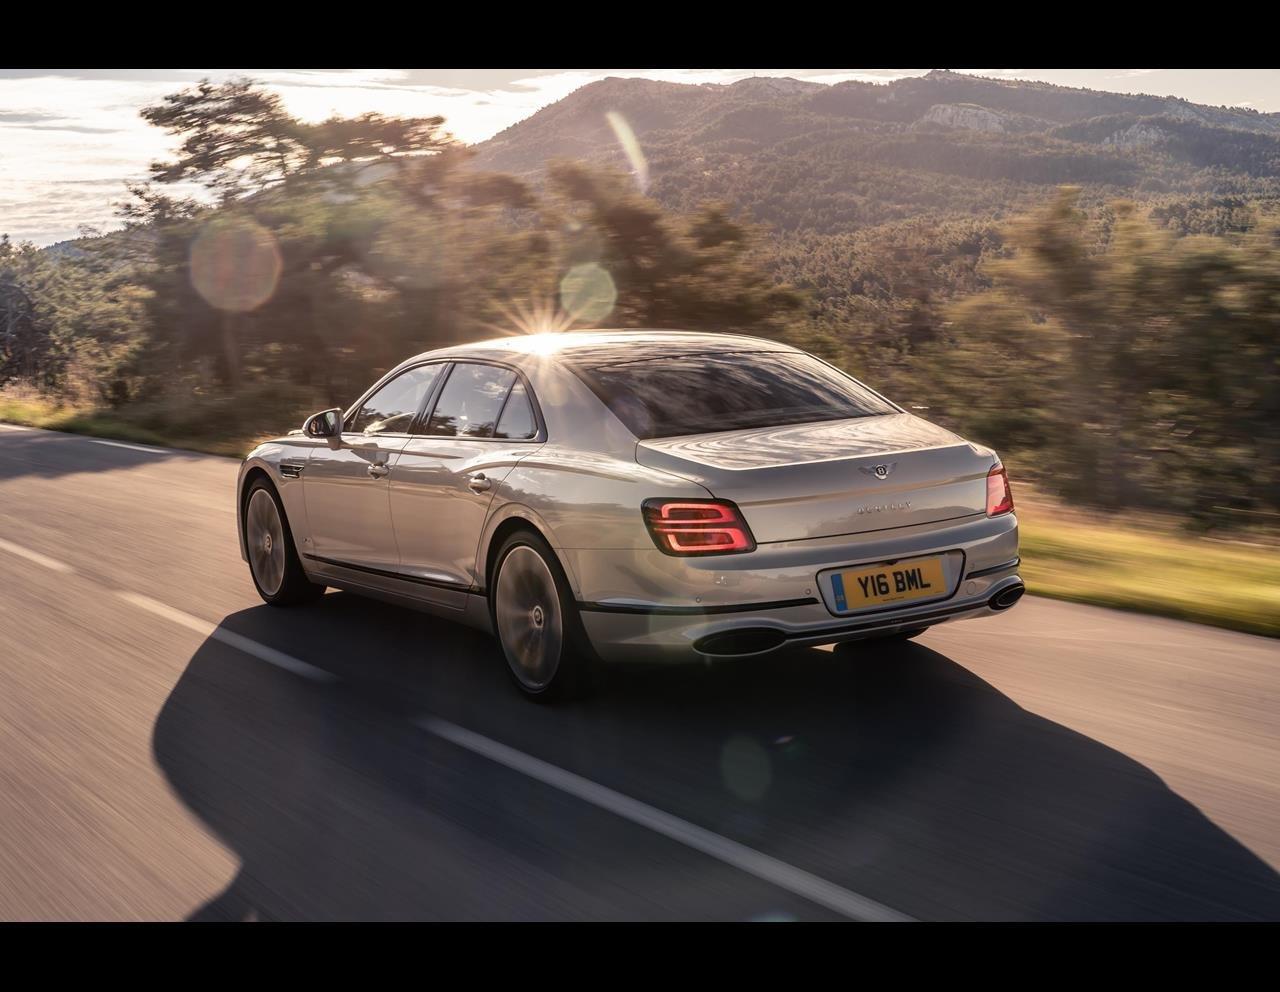 Bentley Flying Spur cuốn hút từ mọi góc nhìn.